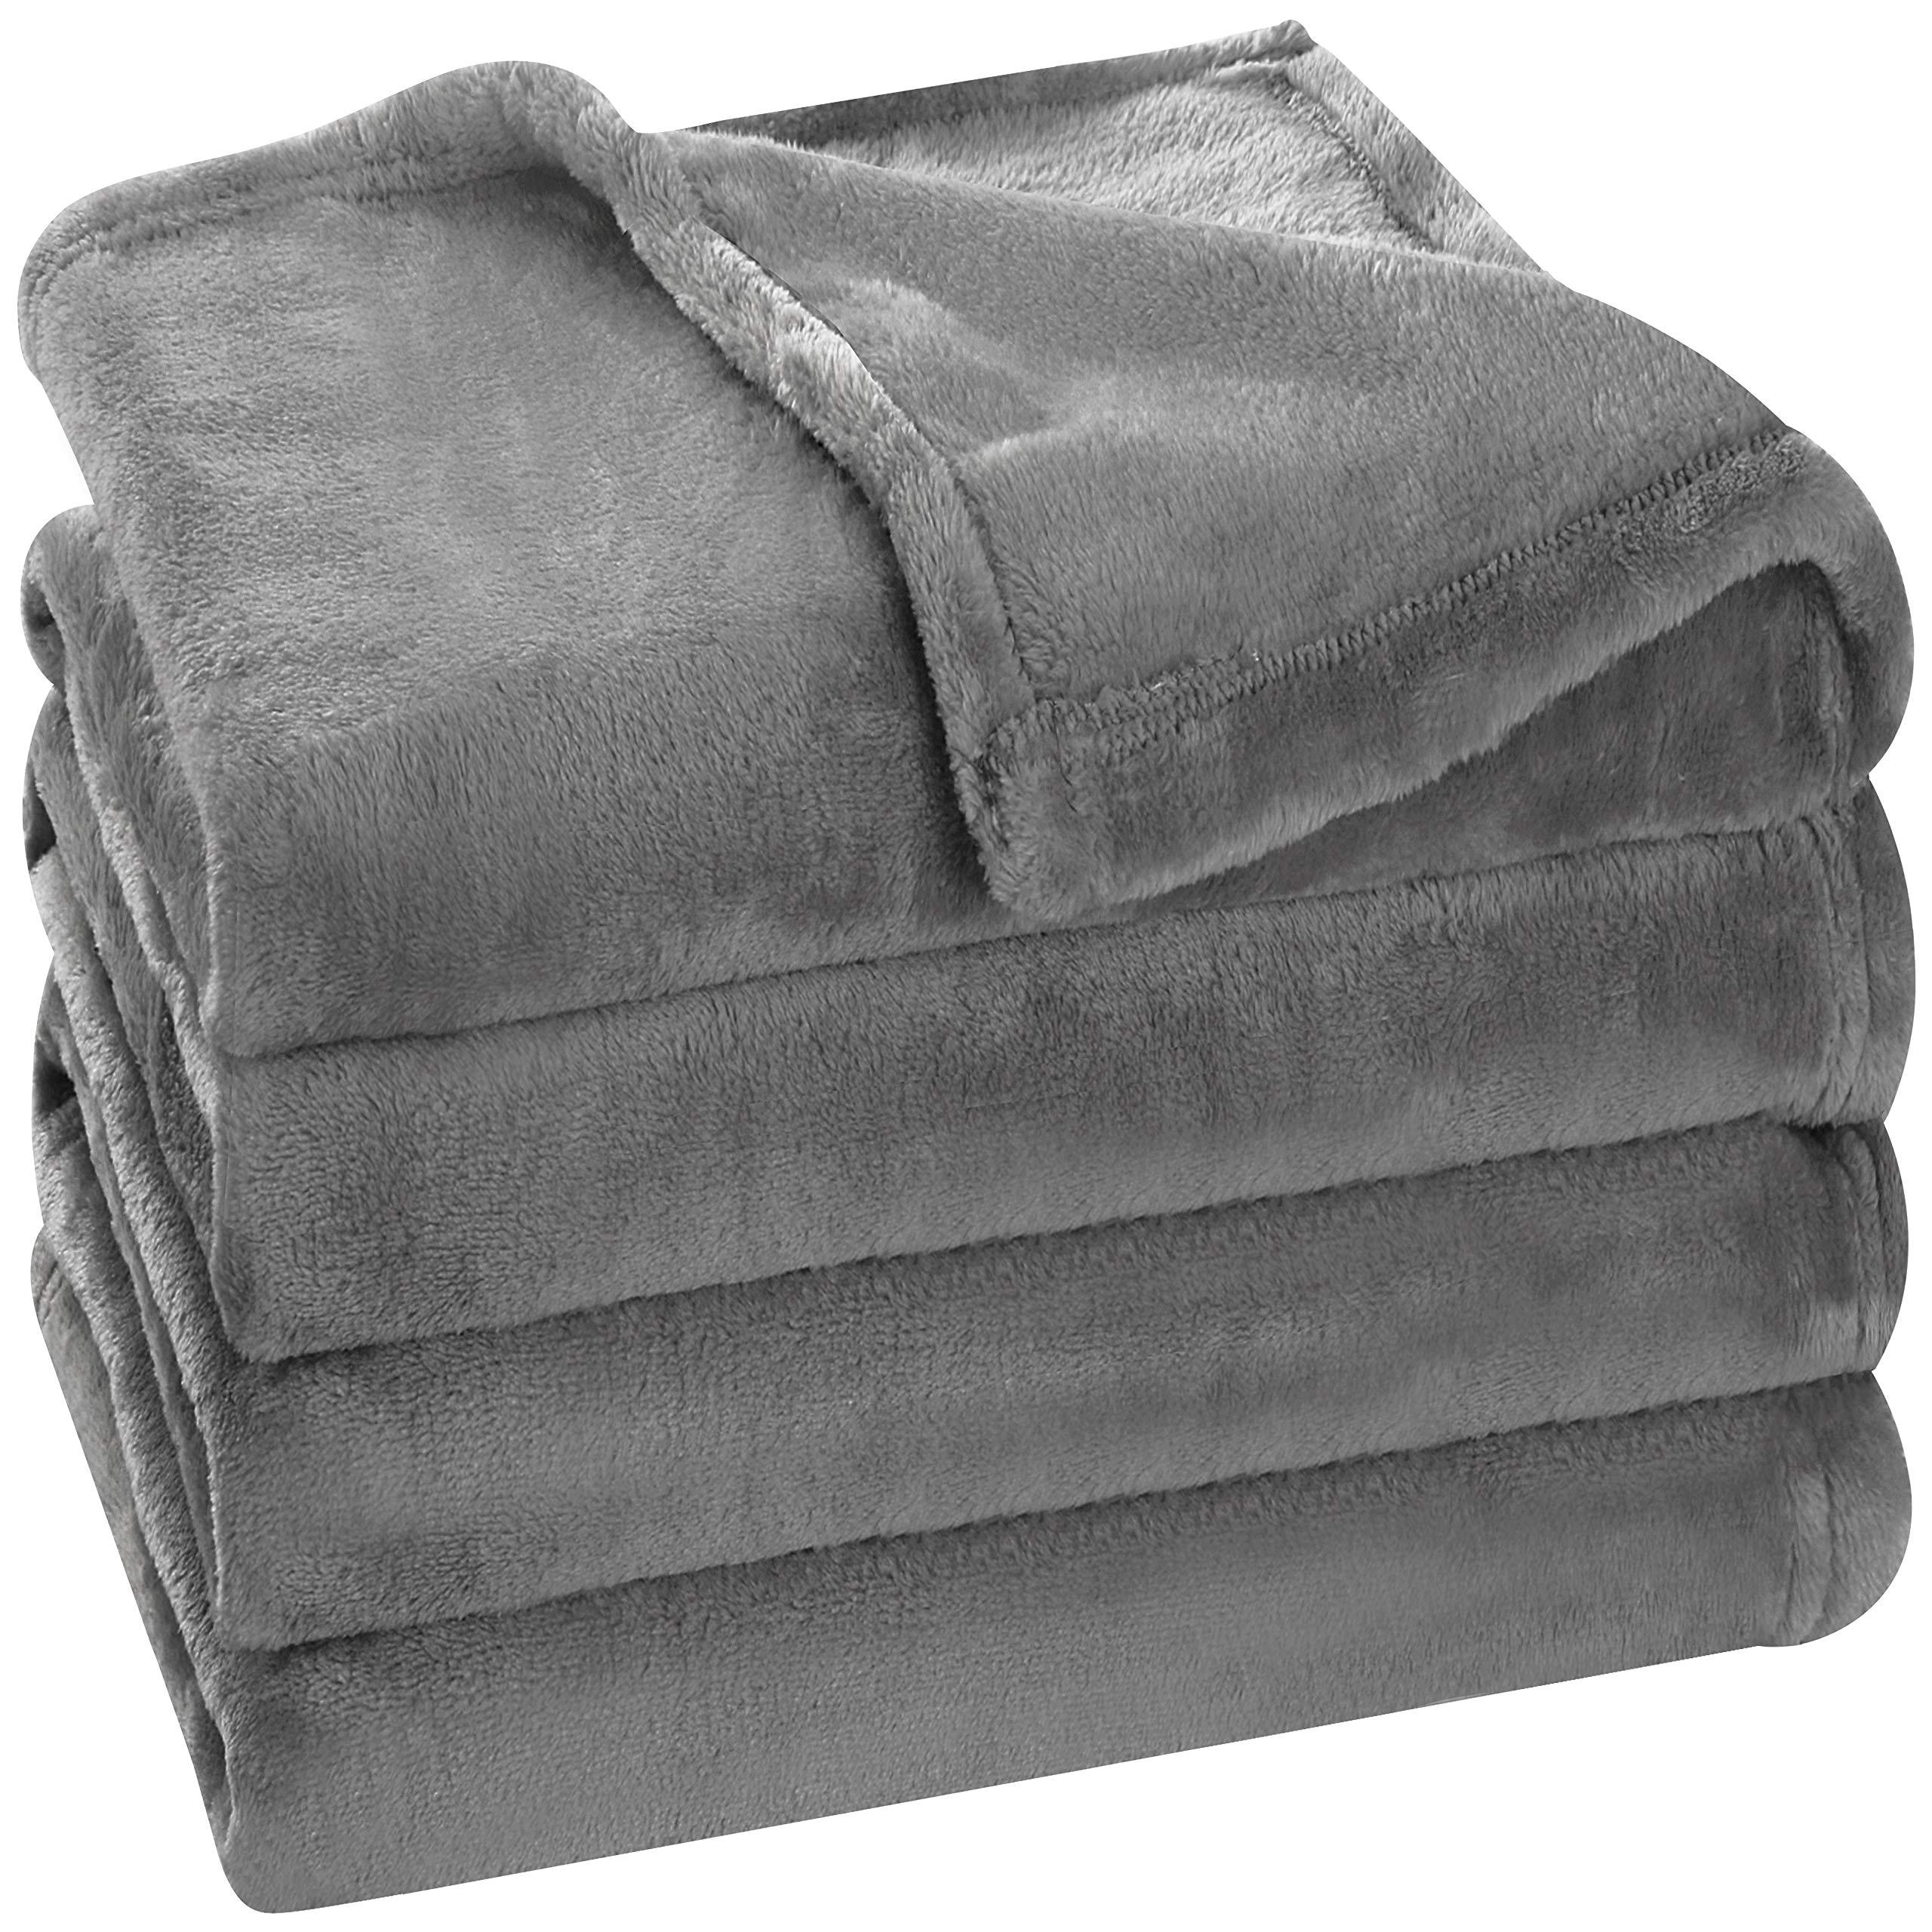 Utopia Bedding Blanket Lightweight Microfiber